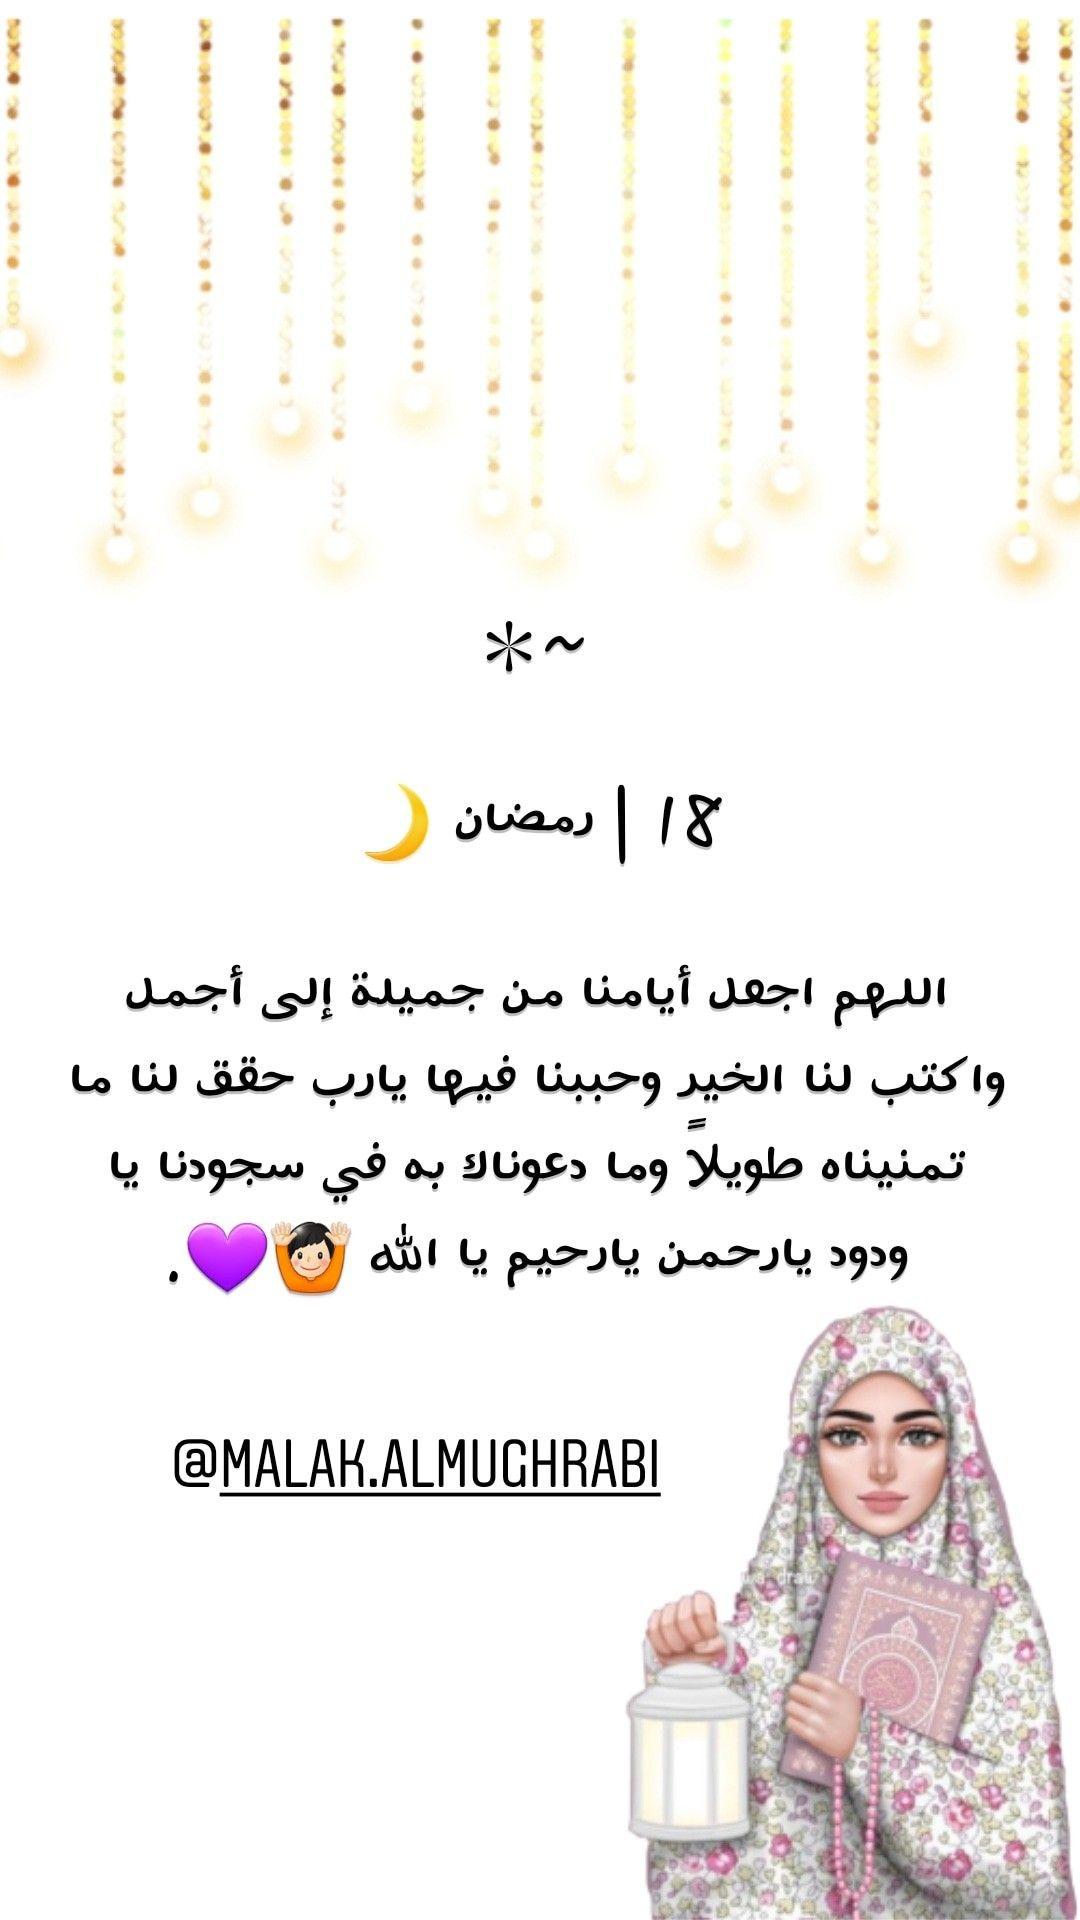 18 رمضان اللهم اجعل أيامنا من جميلة إلى أجمل واكتب لنا الخير وحببنا فيها يارب حقق لنا ما تمنيناه طويلا وما دعونا Ramadan Day Ramadan Crafts Ramadan